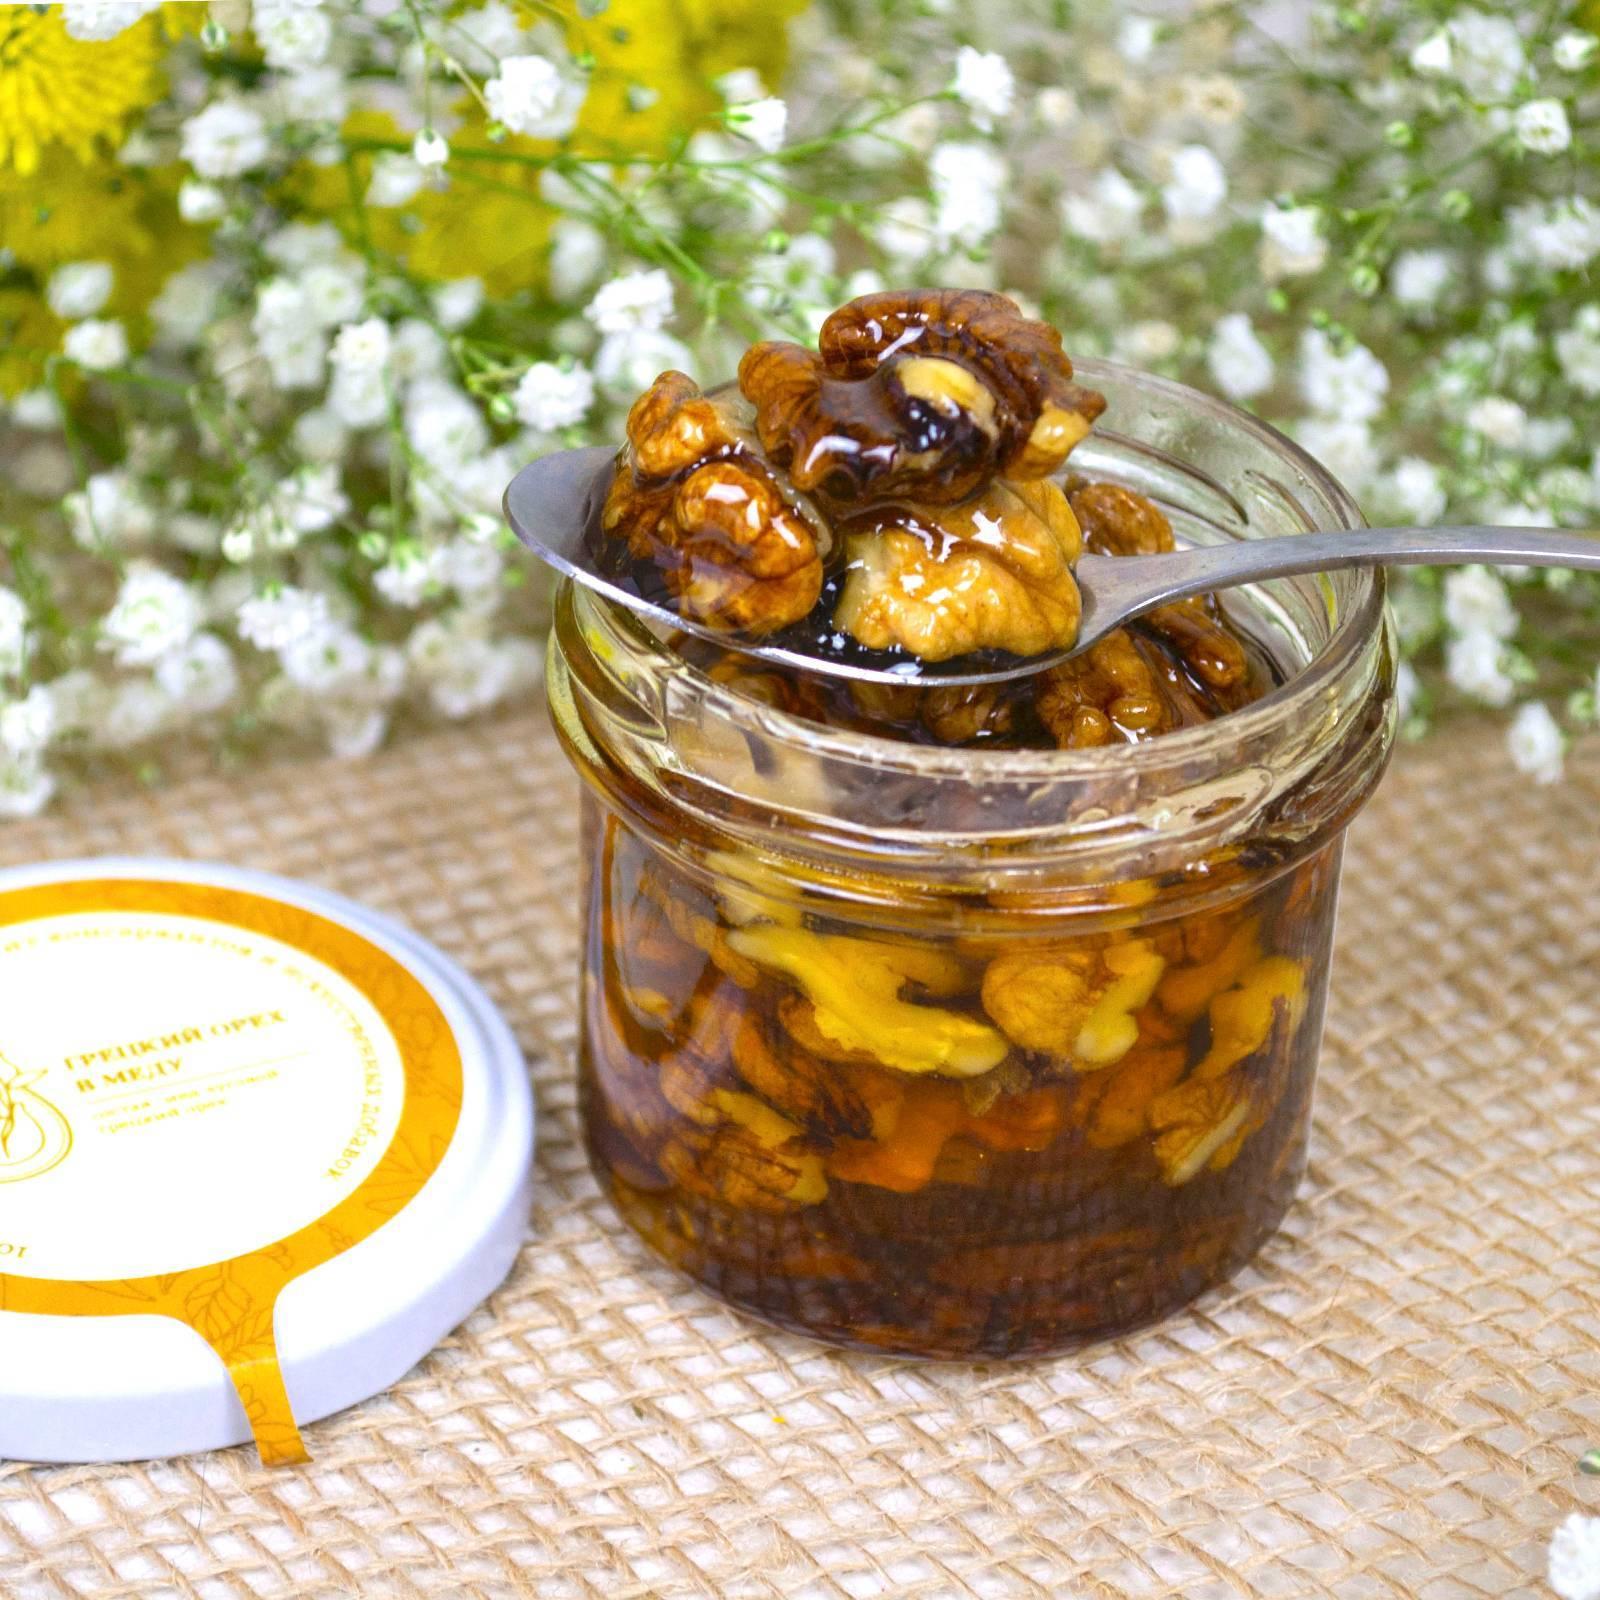 Грецкие орехи в меду в банке: рецепт на зиму